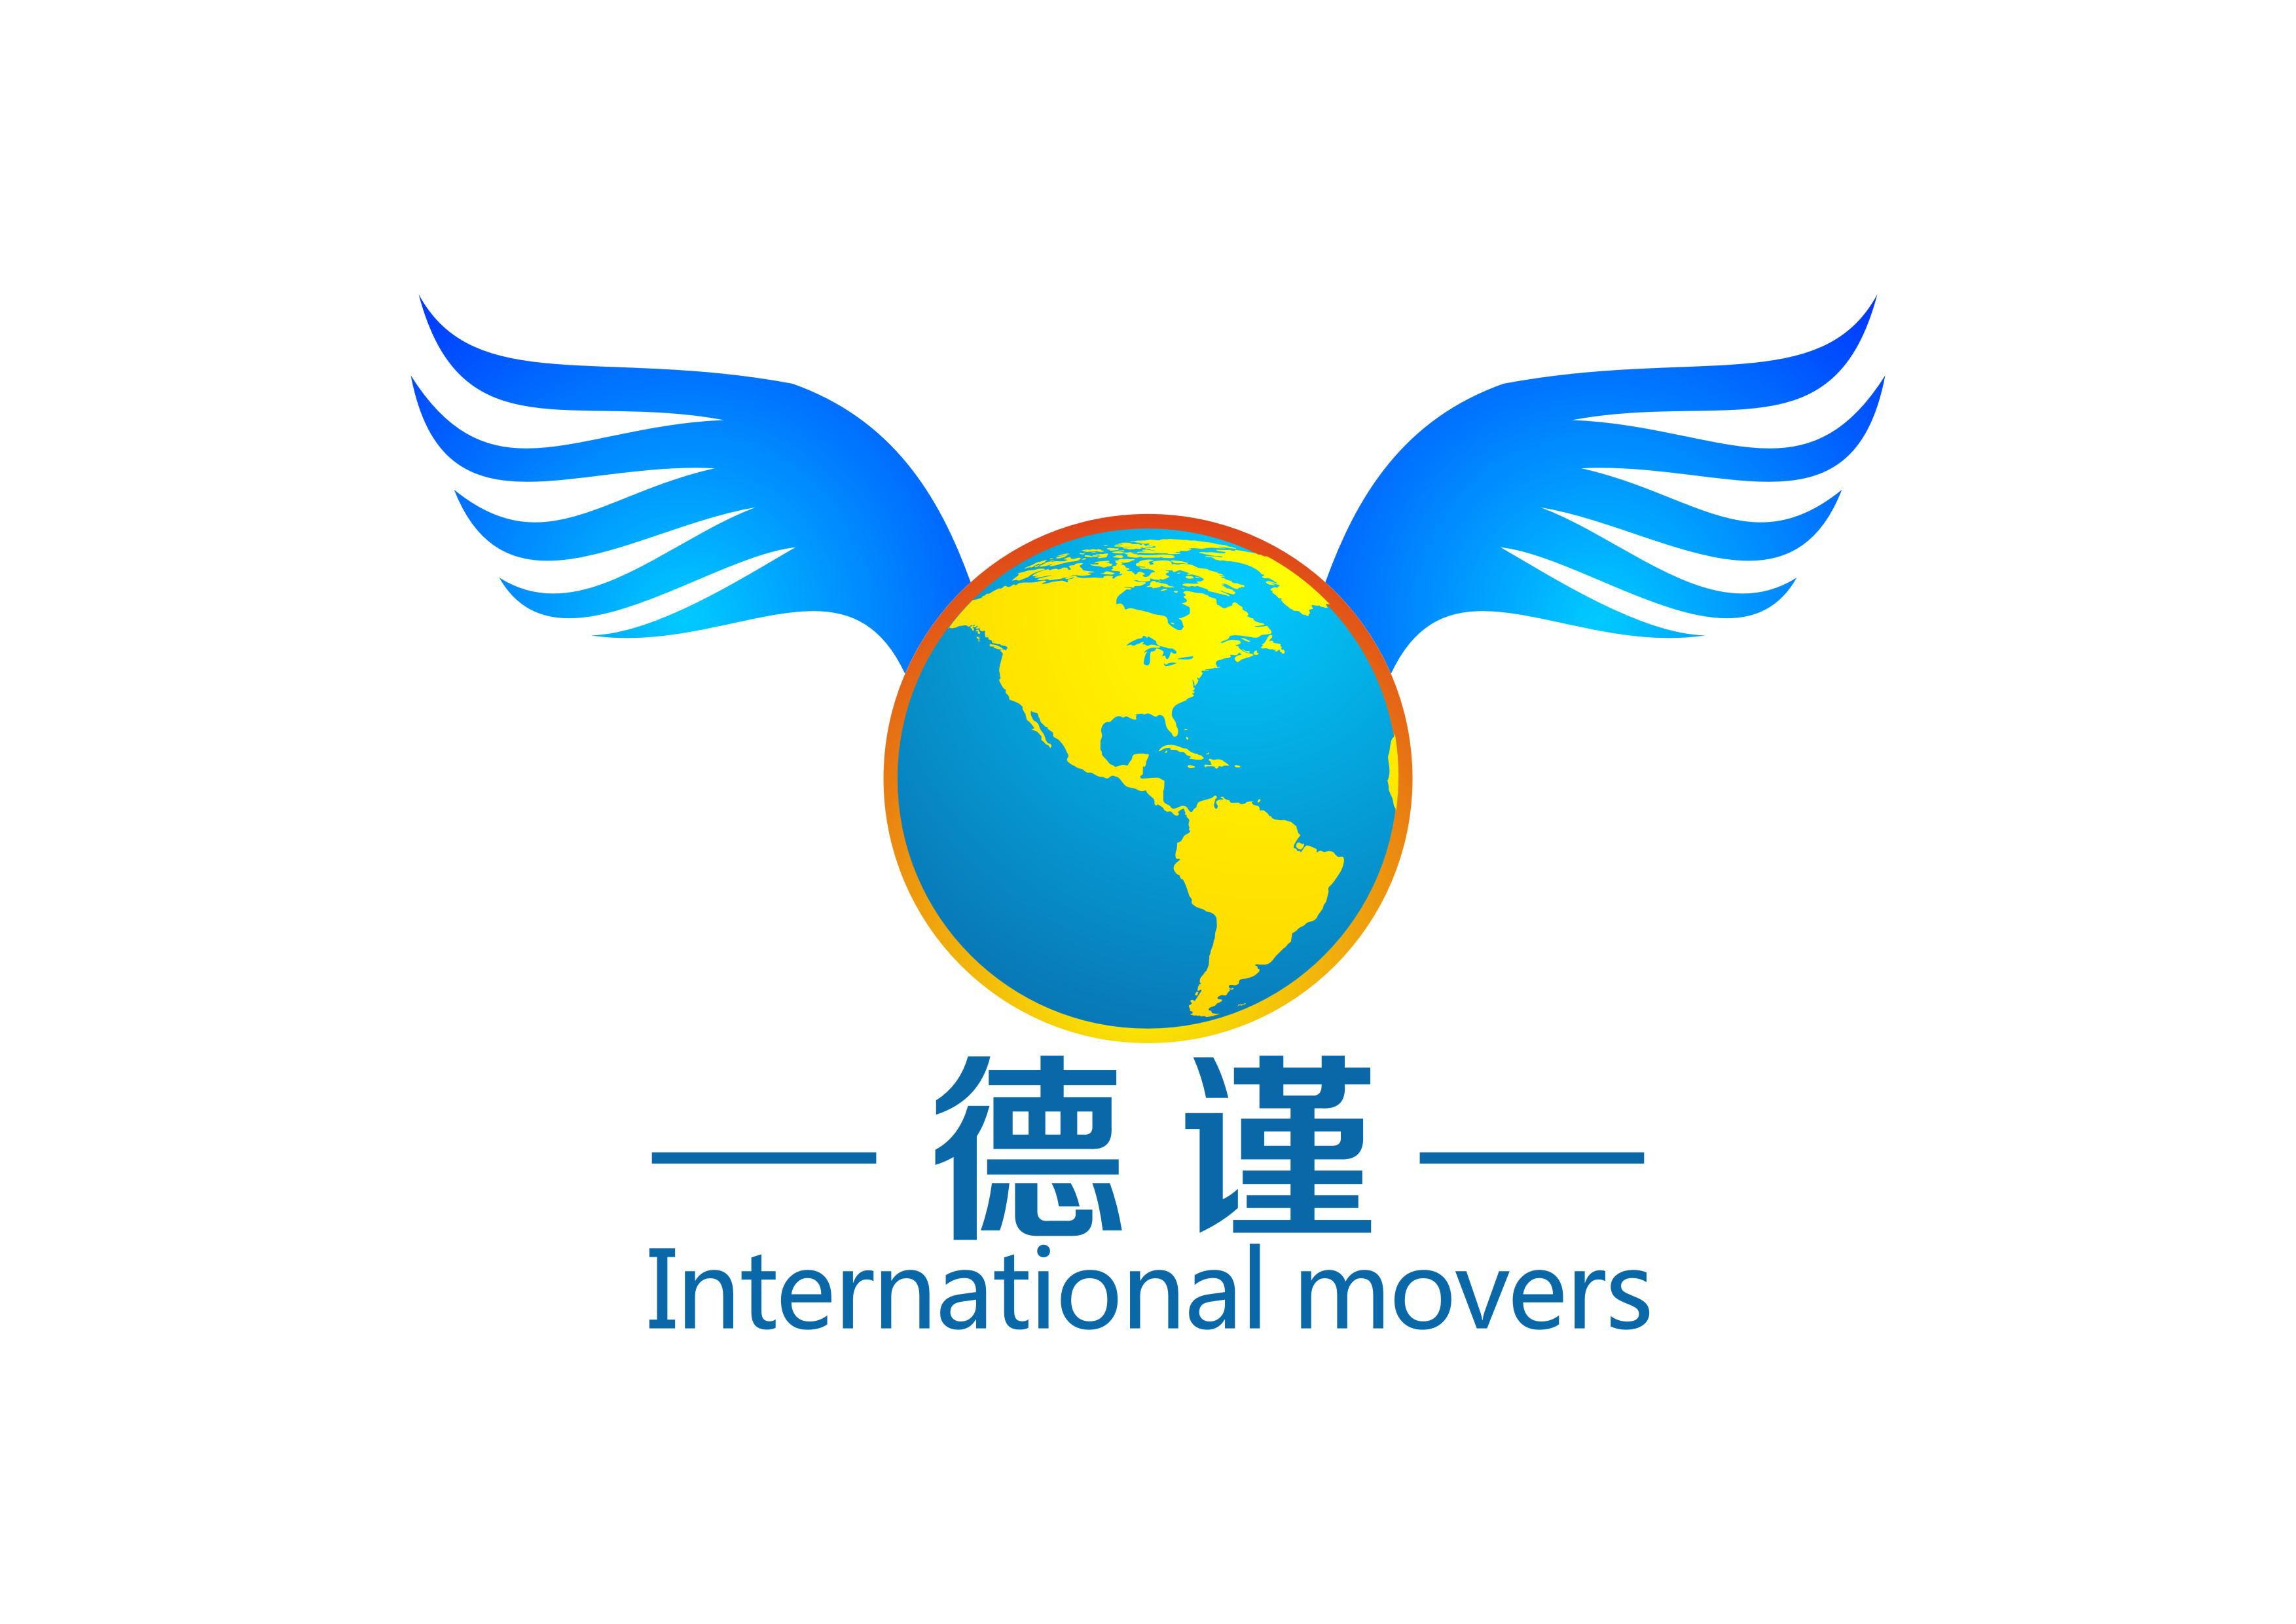 上海到卢森堡国际海运搬家图片